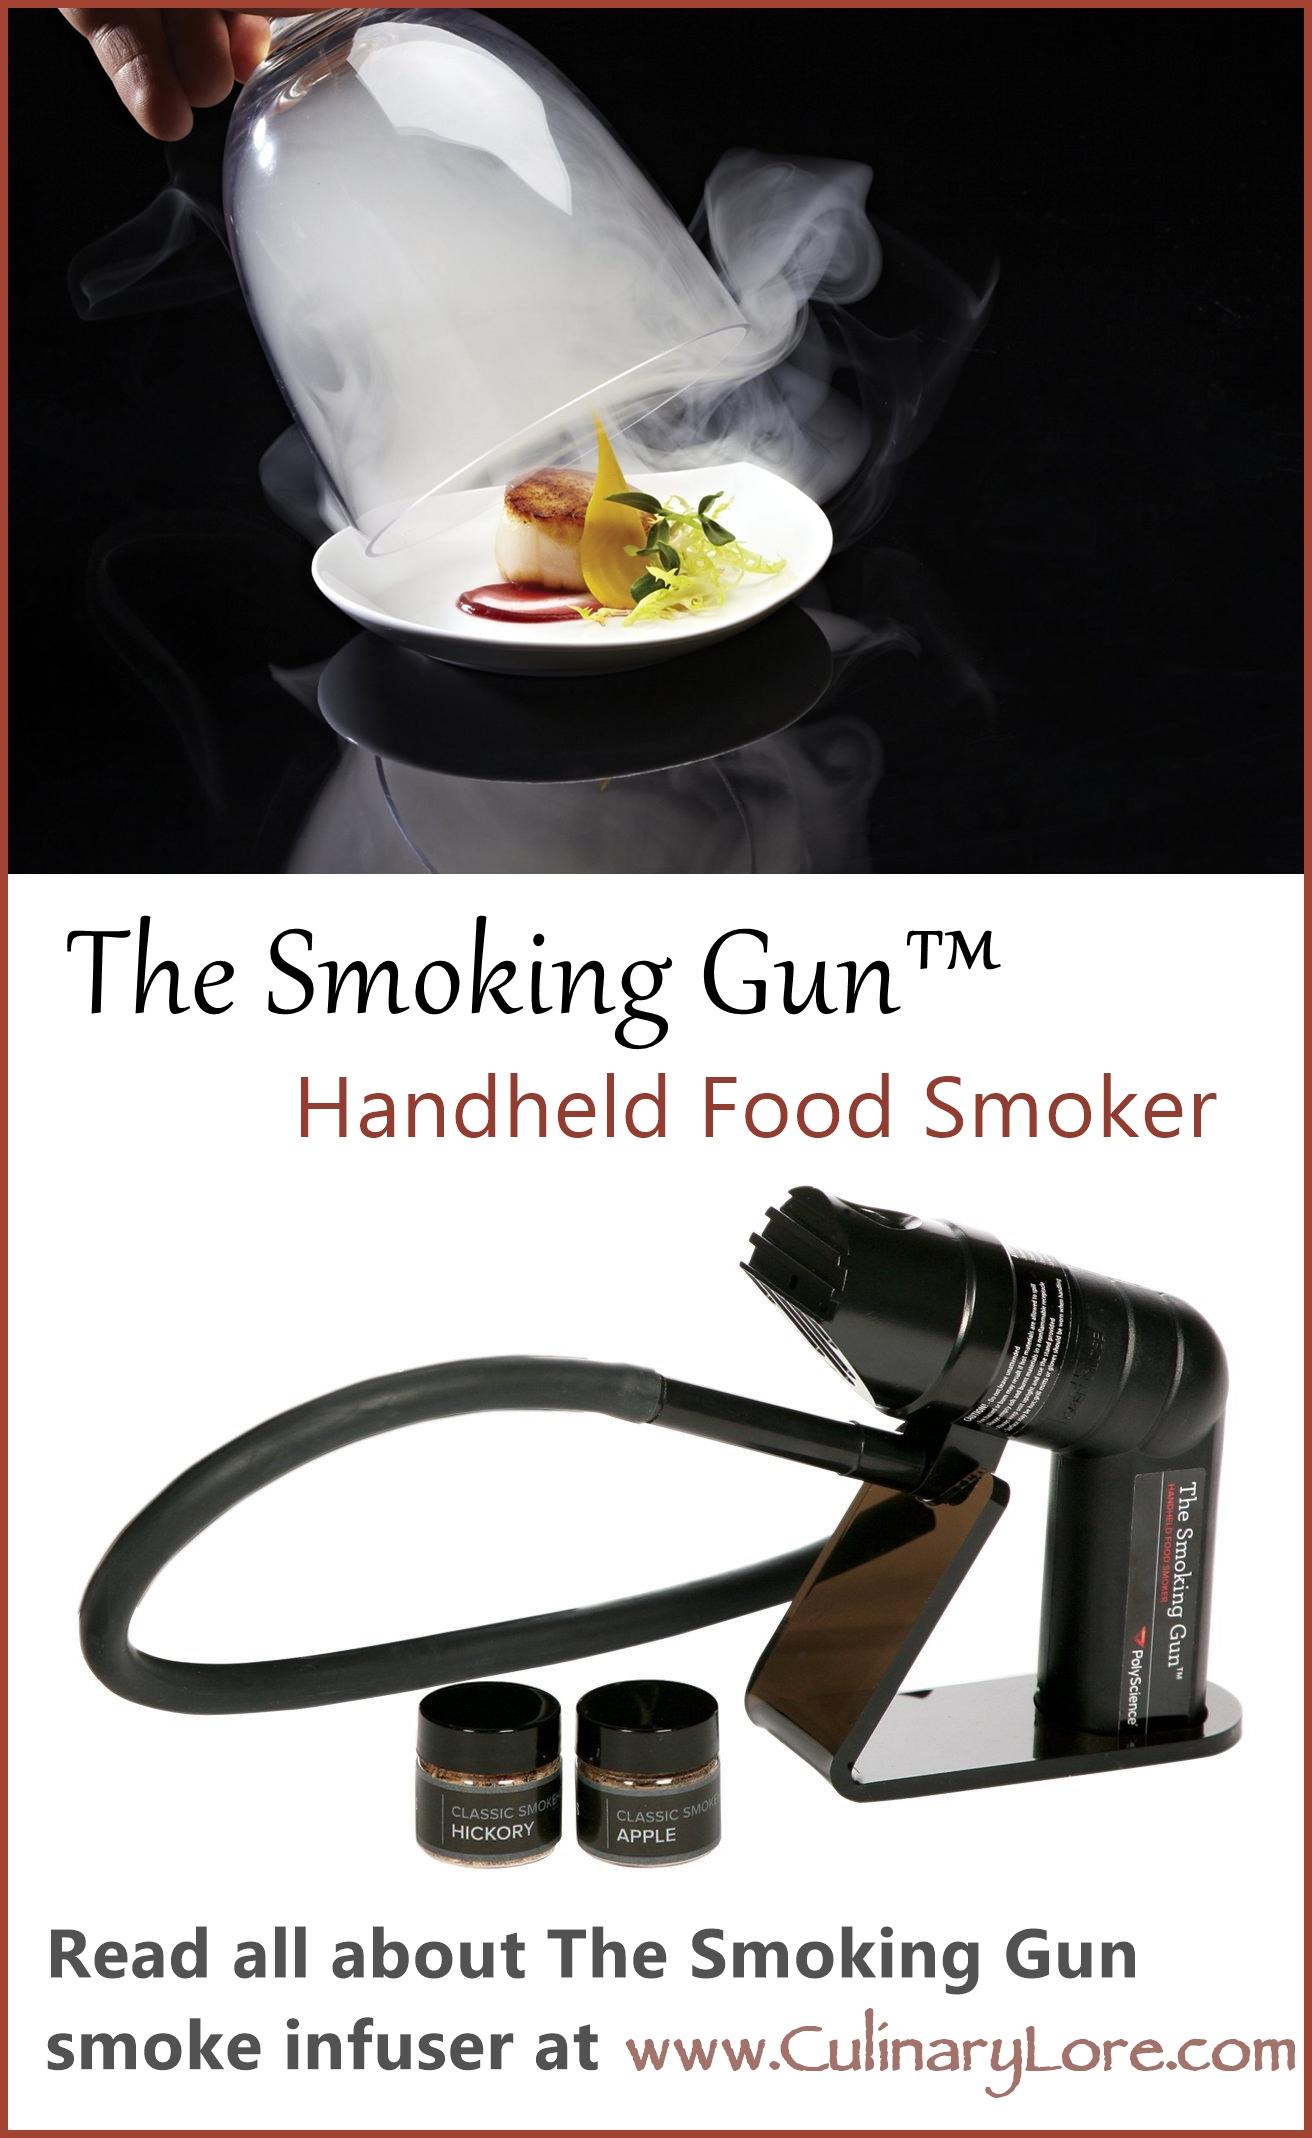 The Smoking Gun Handheld Food Smoker infuser